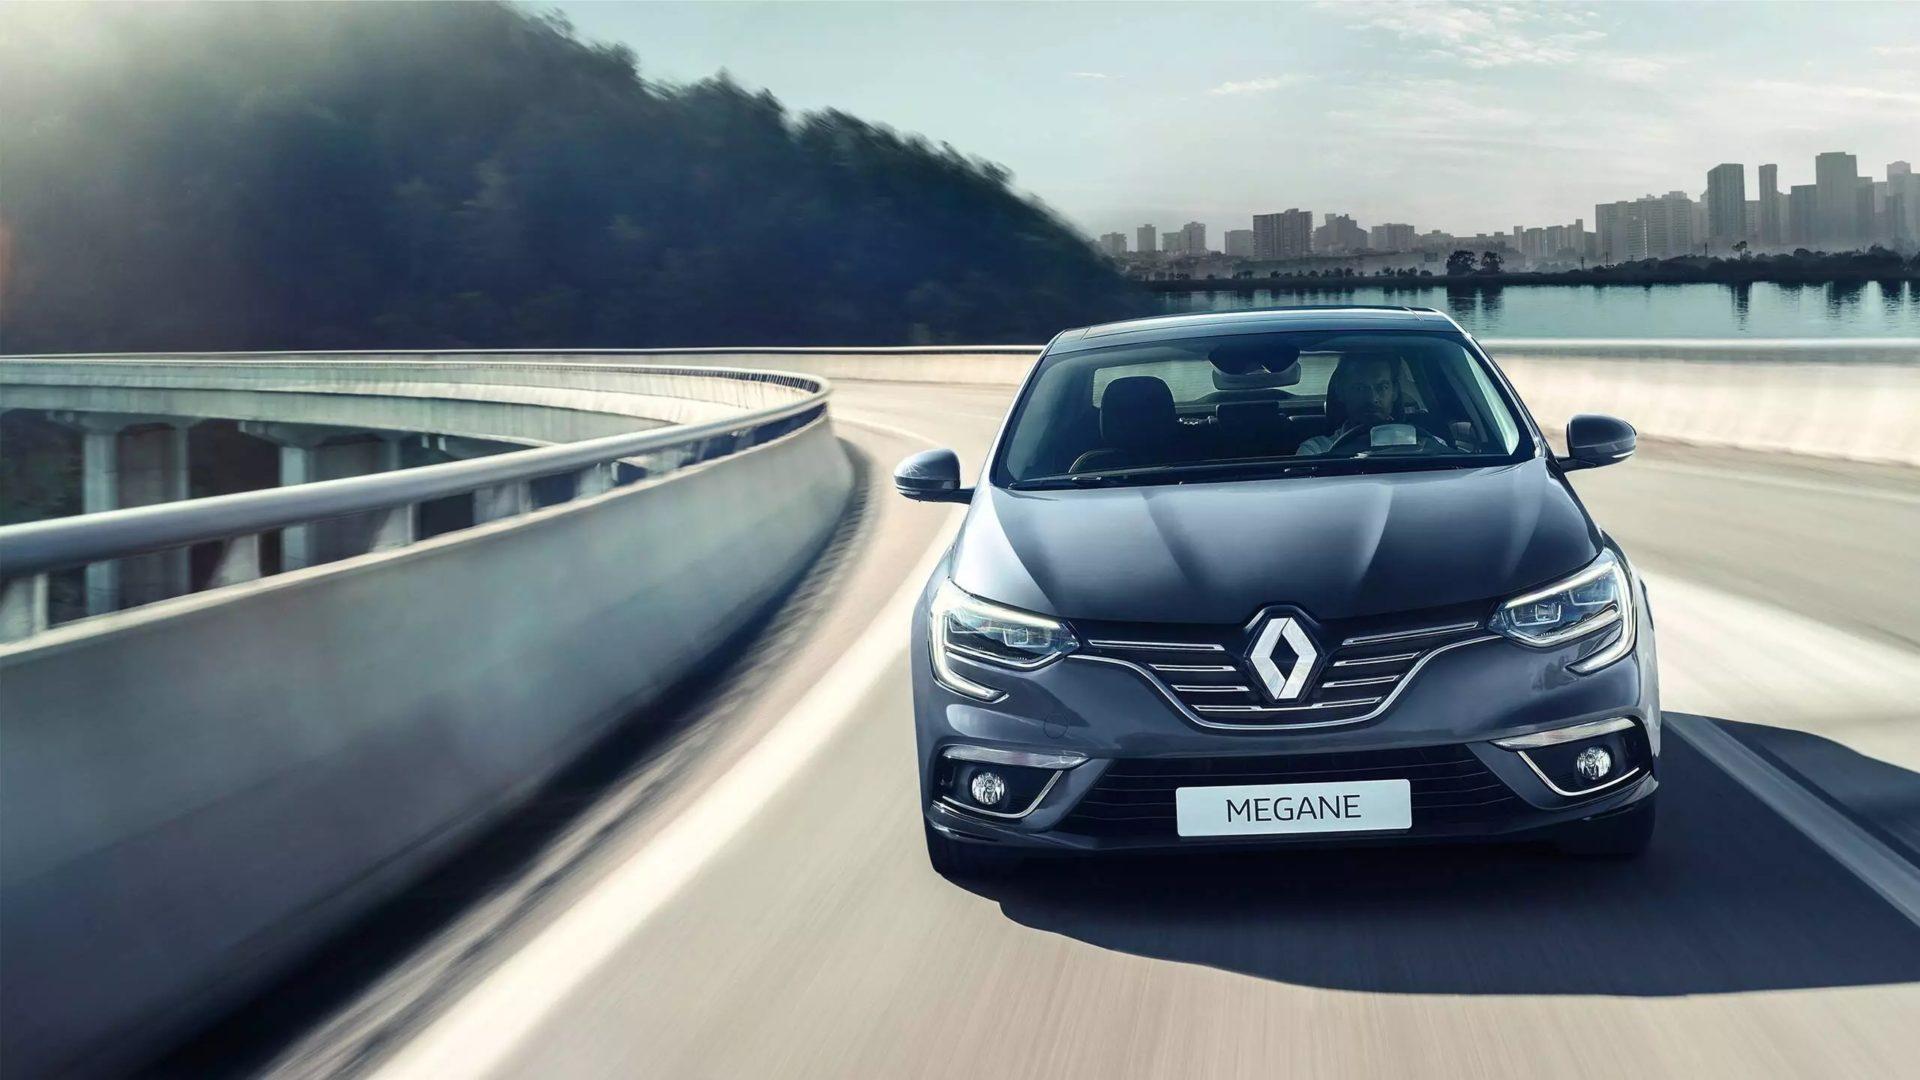 Renault MEGANE (салон) фото 4